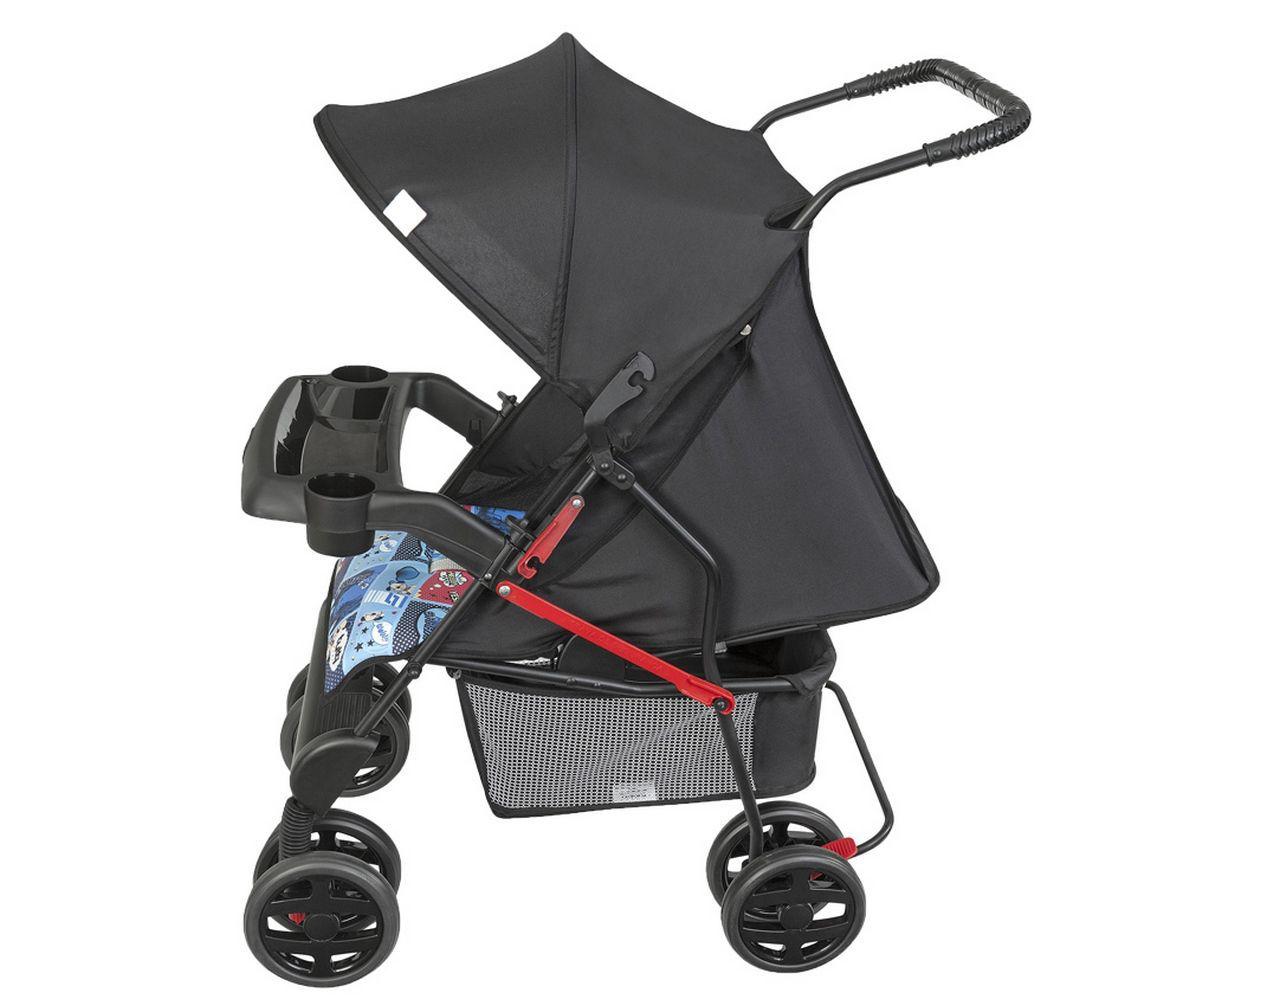 Carrinho De Bebê Menino Azul Estampado Encaixe Para Bebe Conforto Tutti Baby